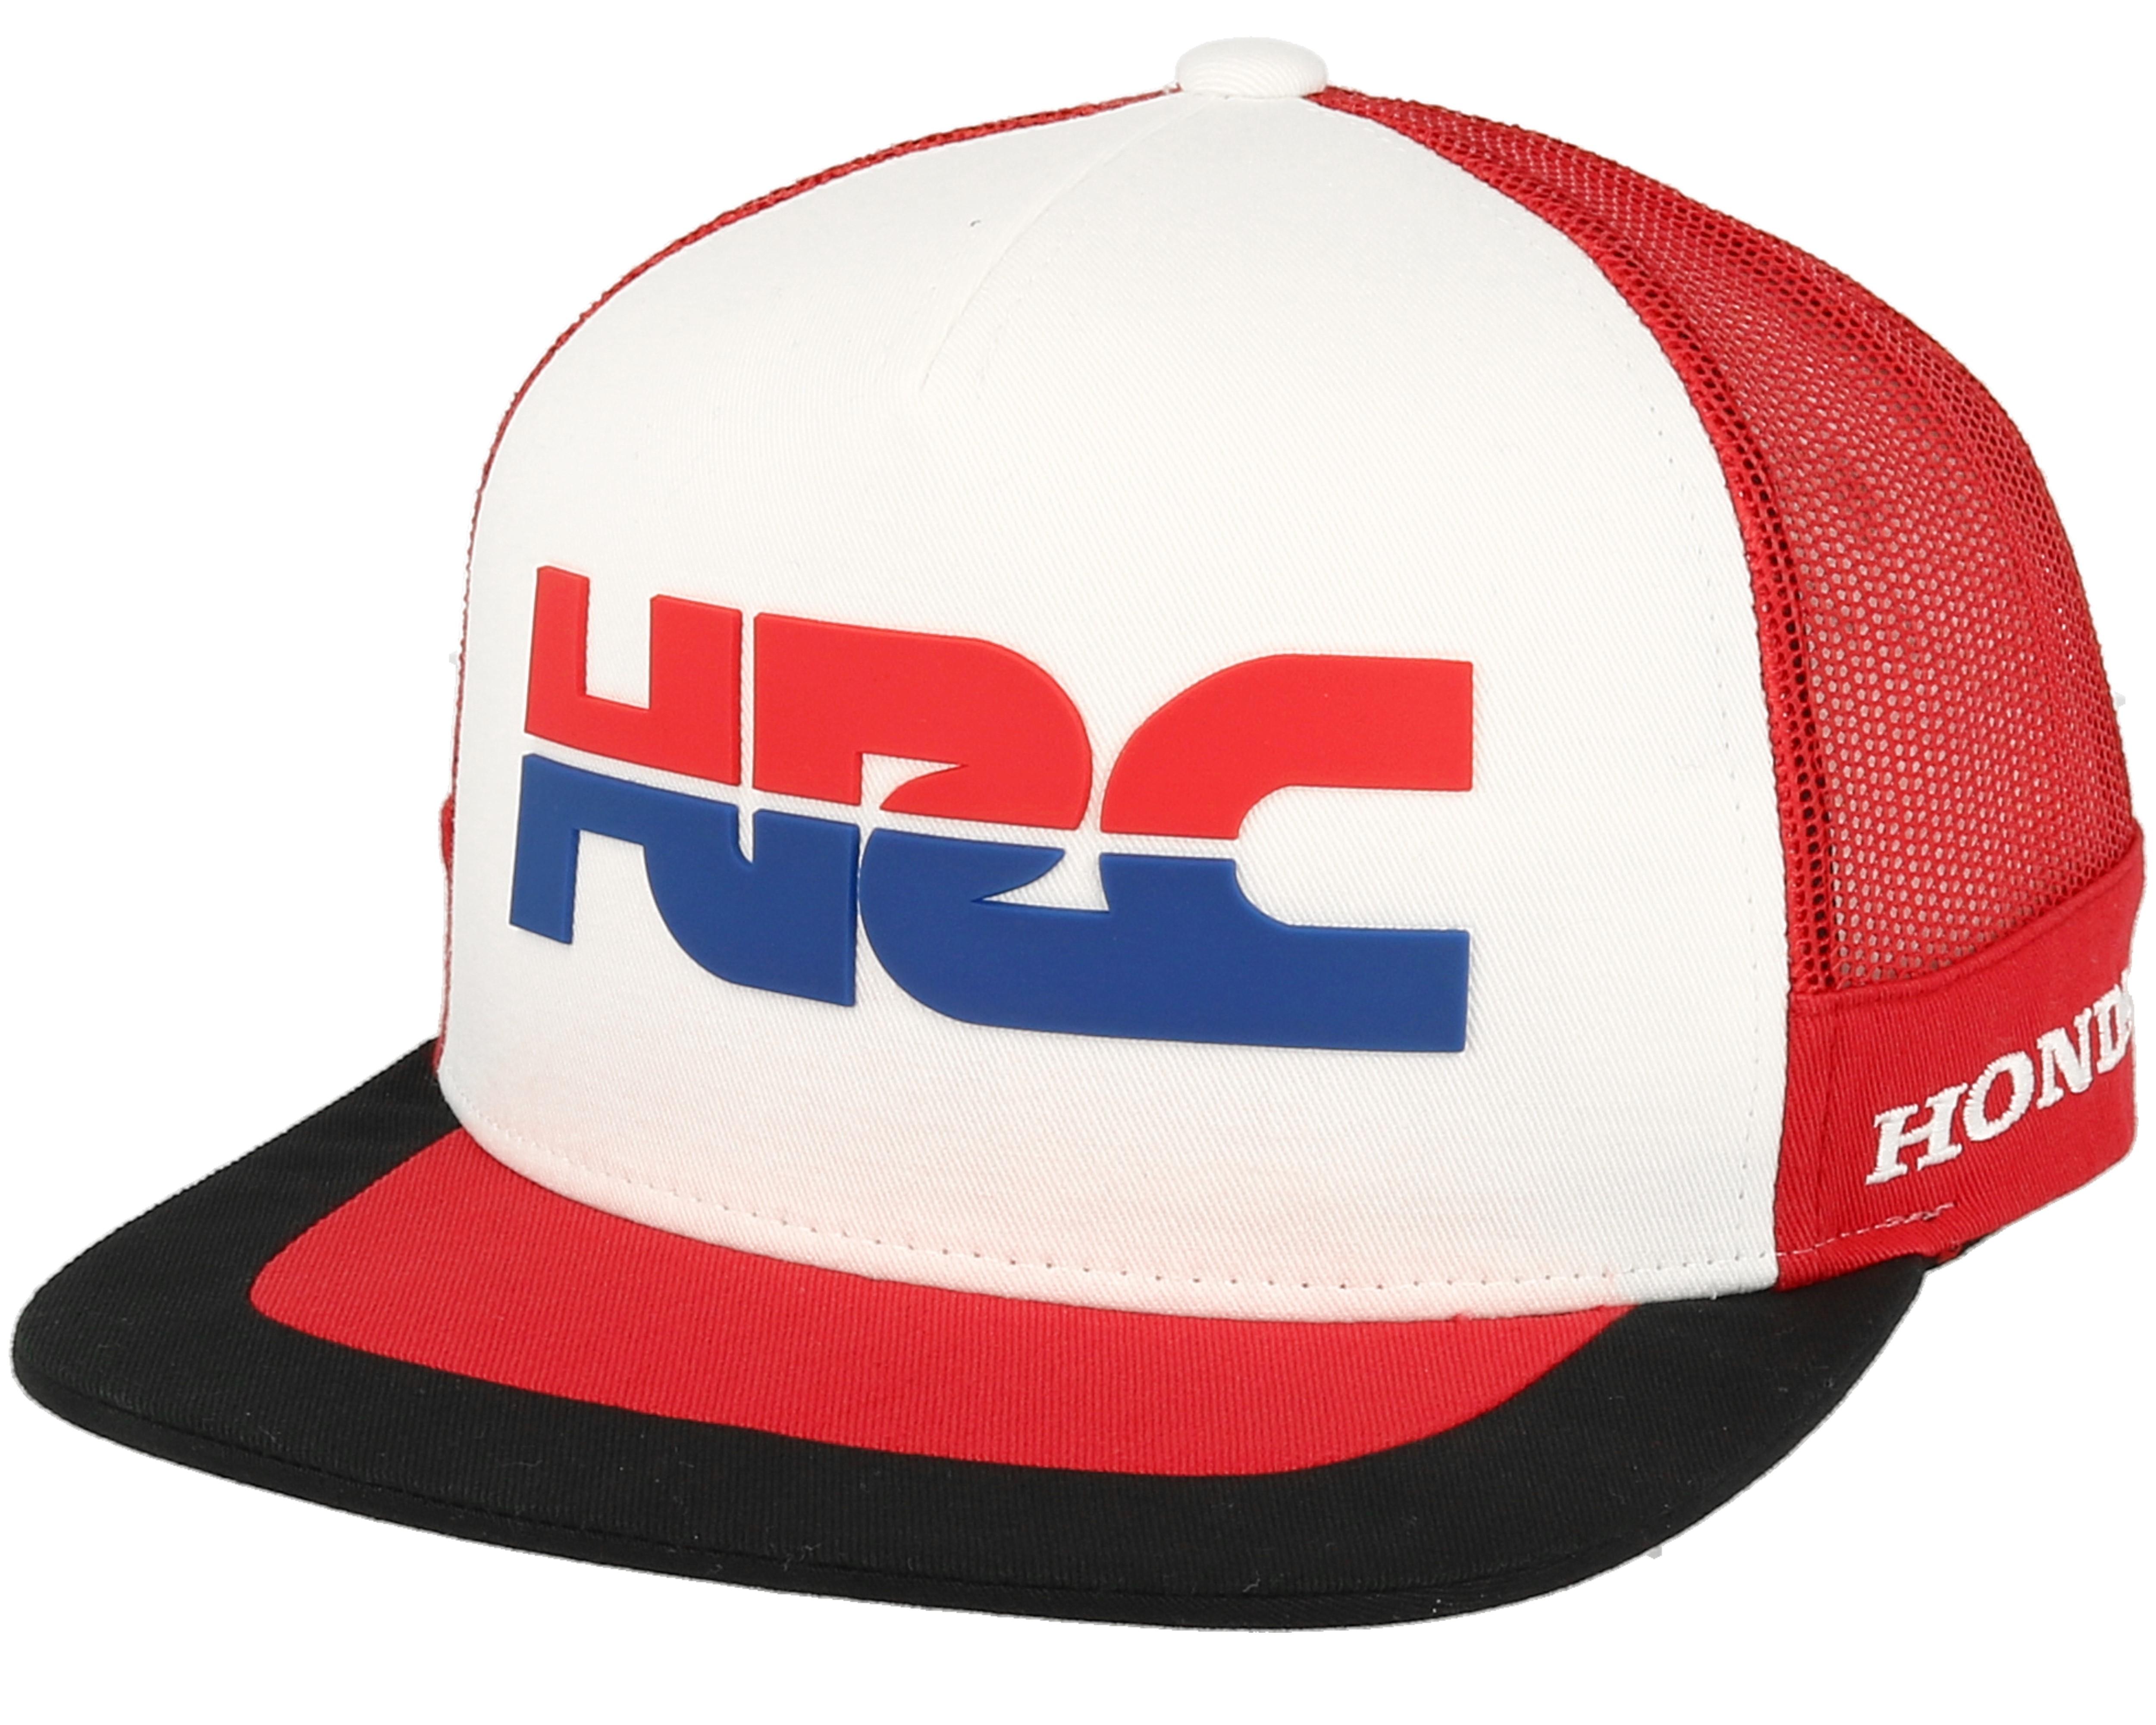 Hrc Red Snapback Fox Cap Hatstore De